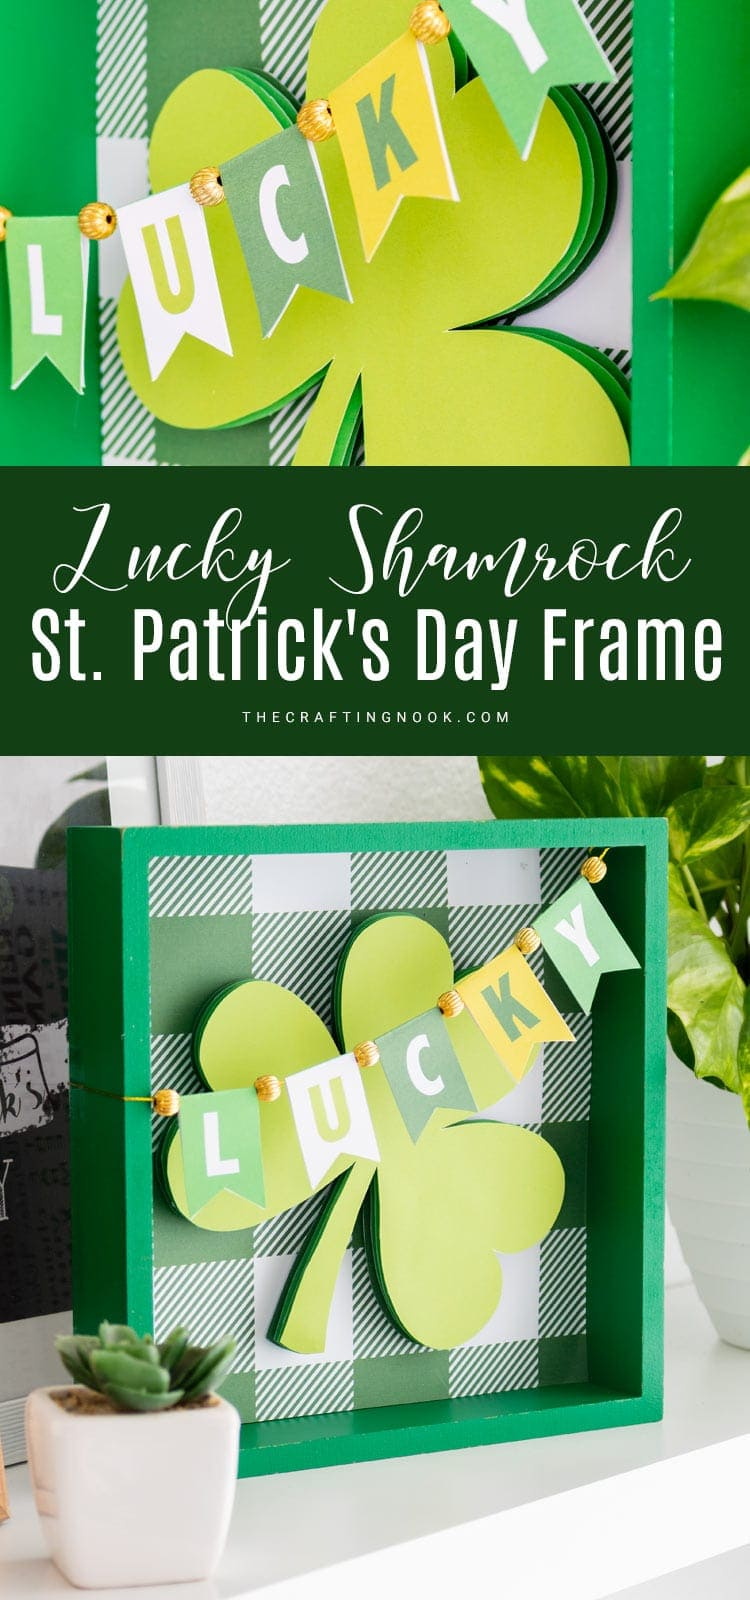 Lucky Shamrock St. Patrick's Day Frame PIN